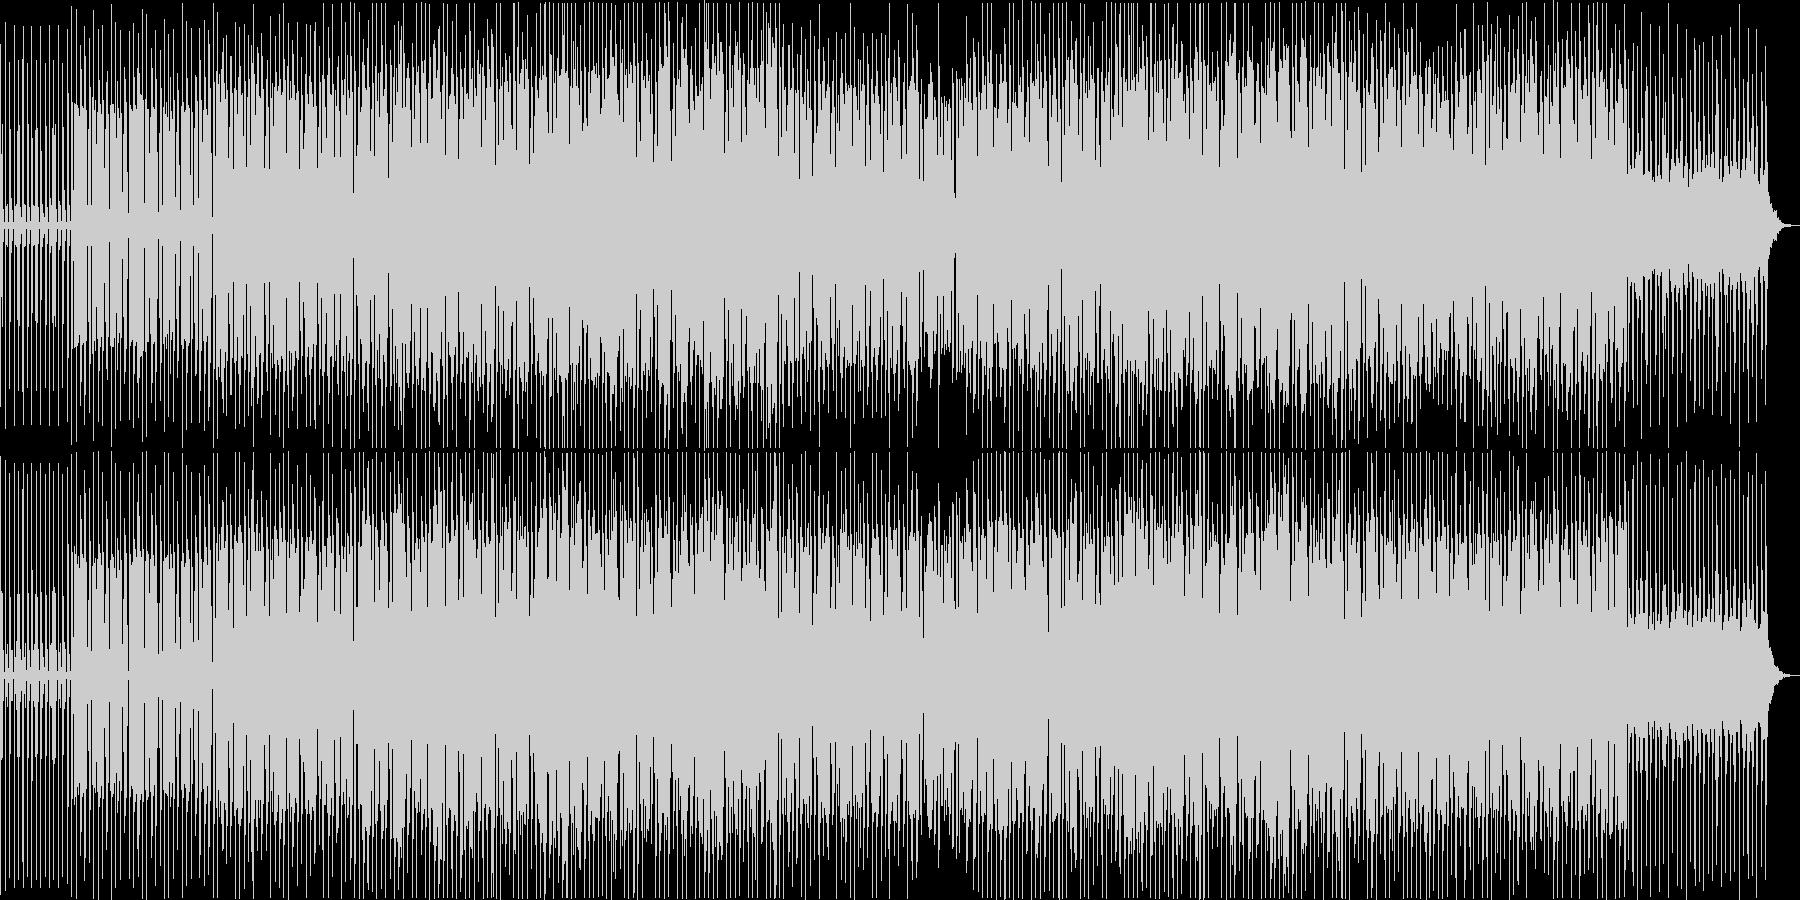 懐かしいピアノループのある4つ打ち音の未再生の波形